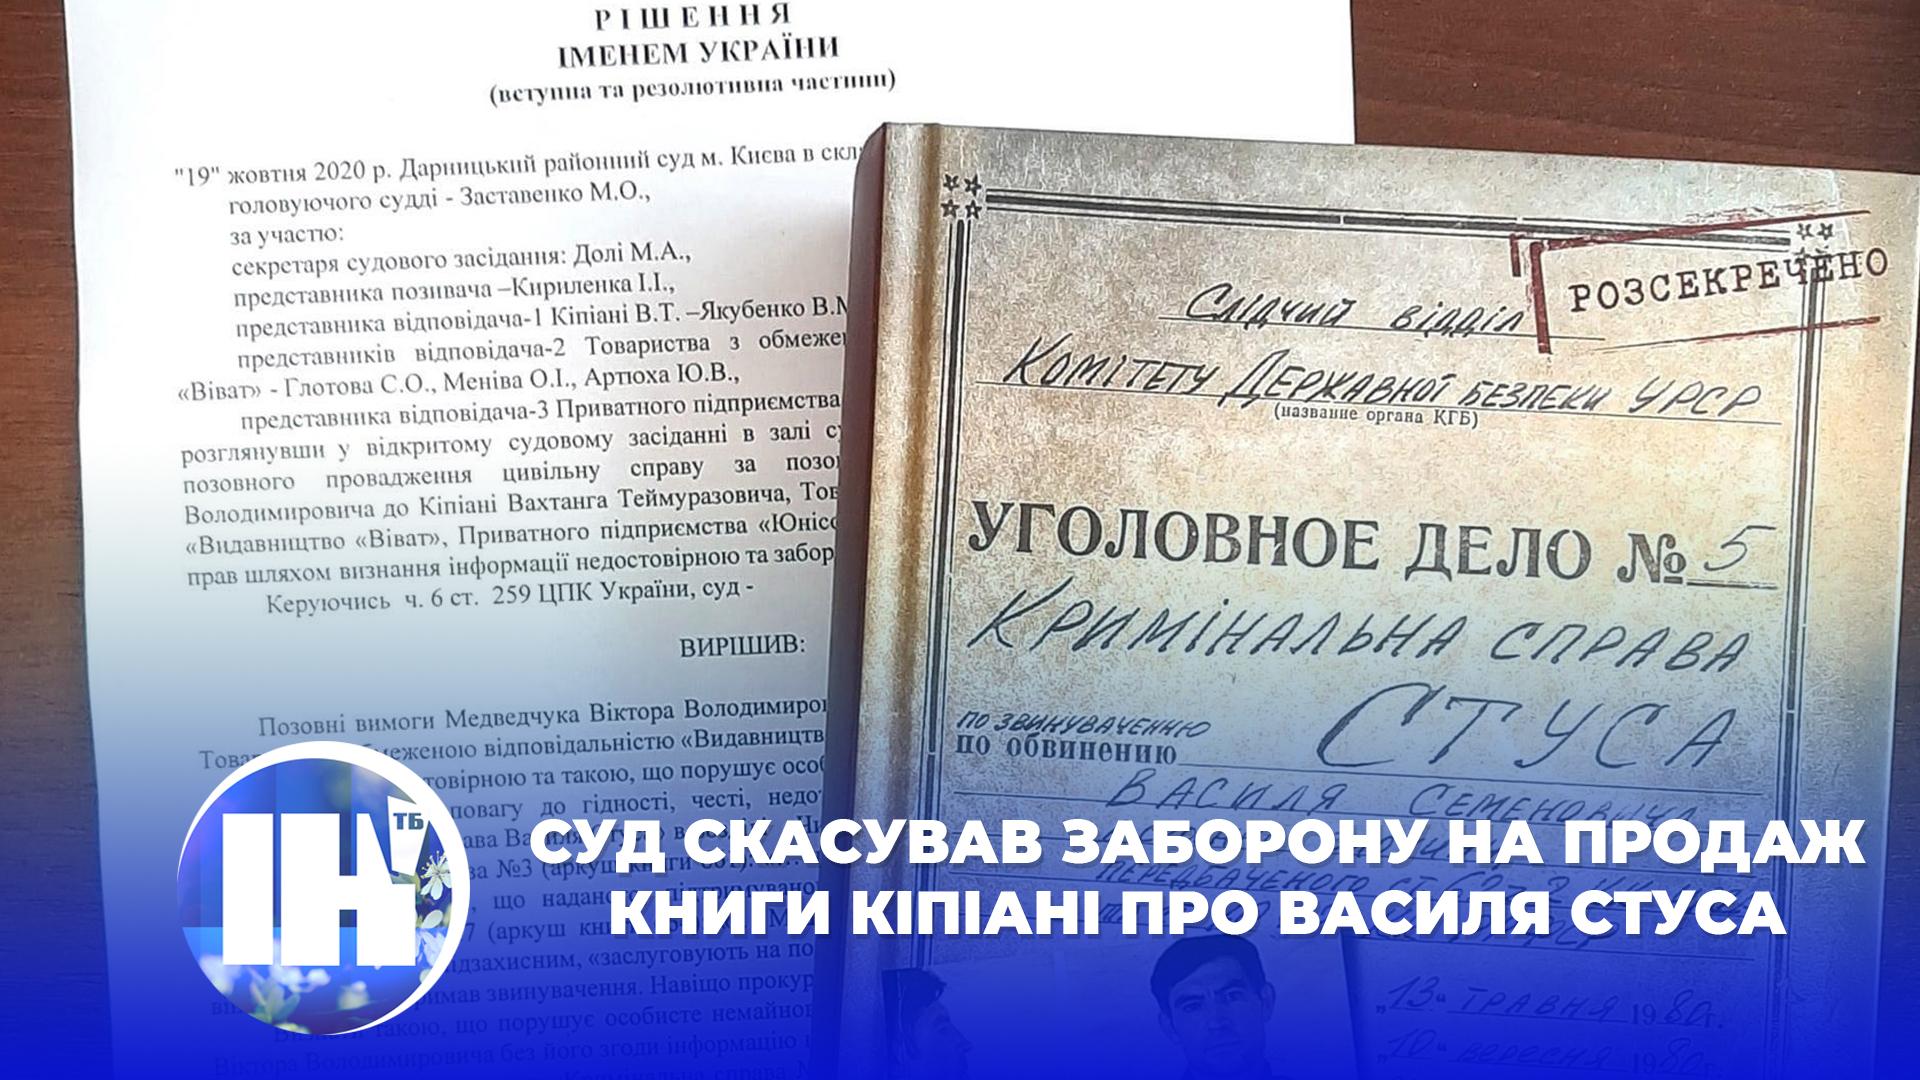 Суд скасував заборону на продаж книги Кіпіані про Василя Стуса